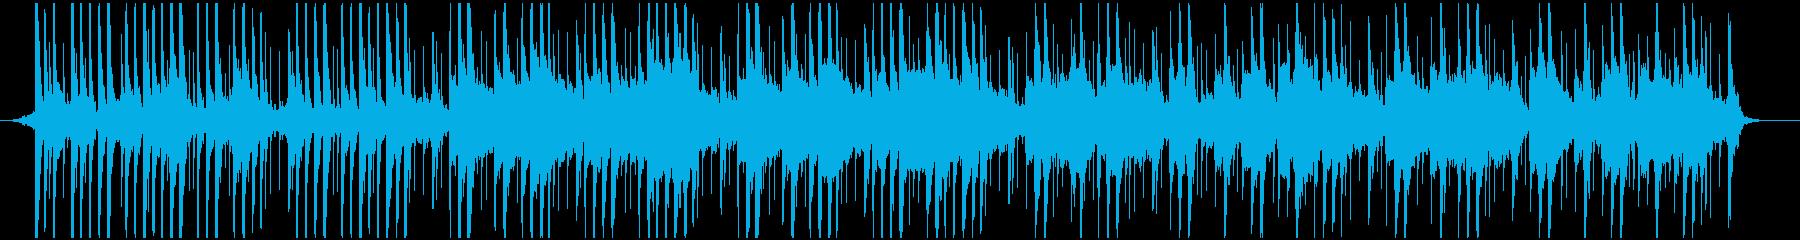 琉球音階を用いた沖縄風のBGMの再生済みの波形